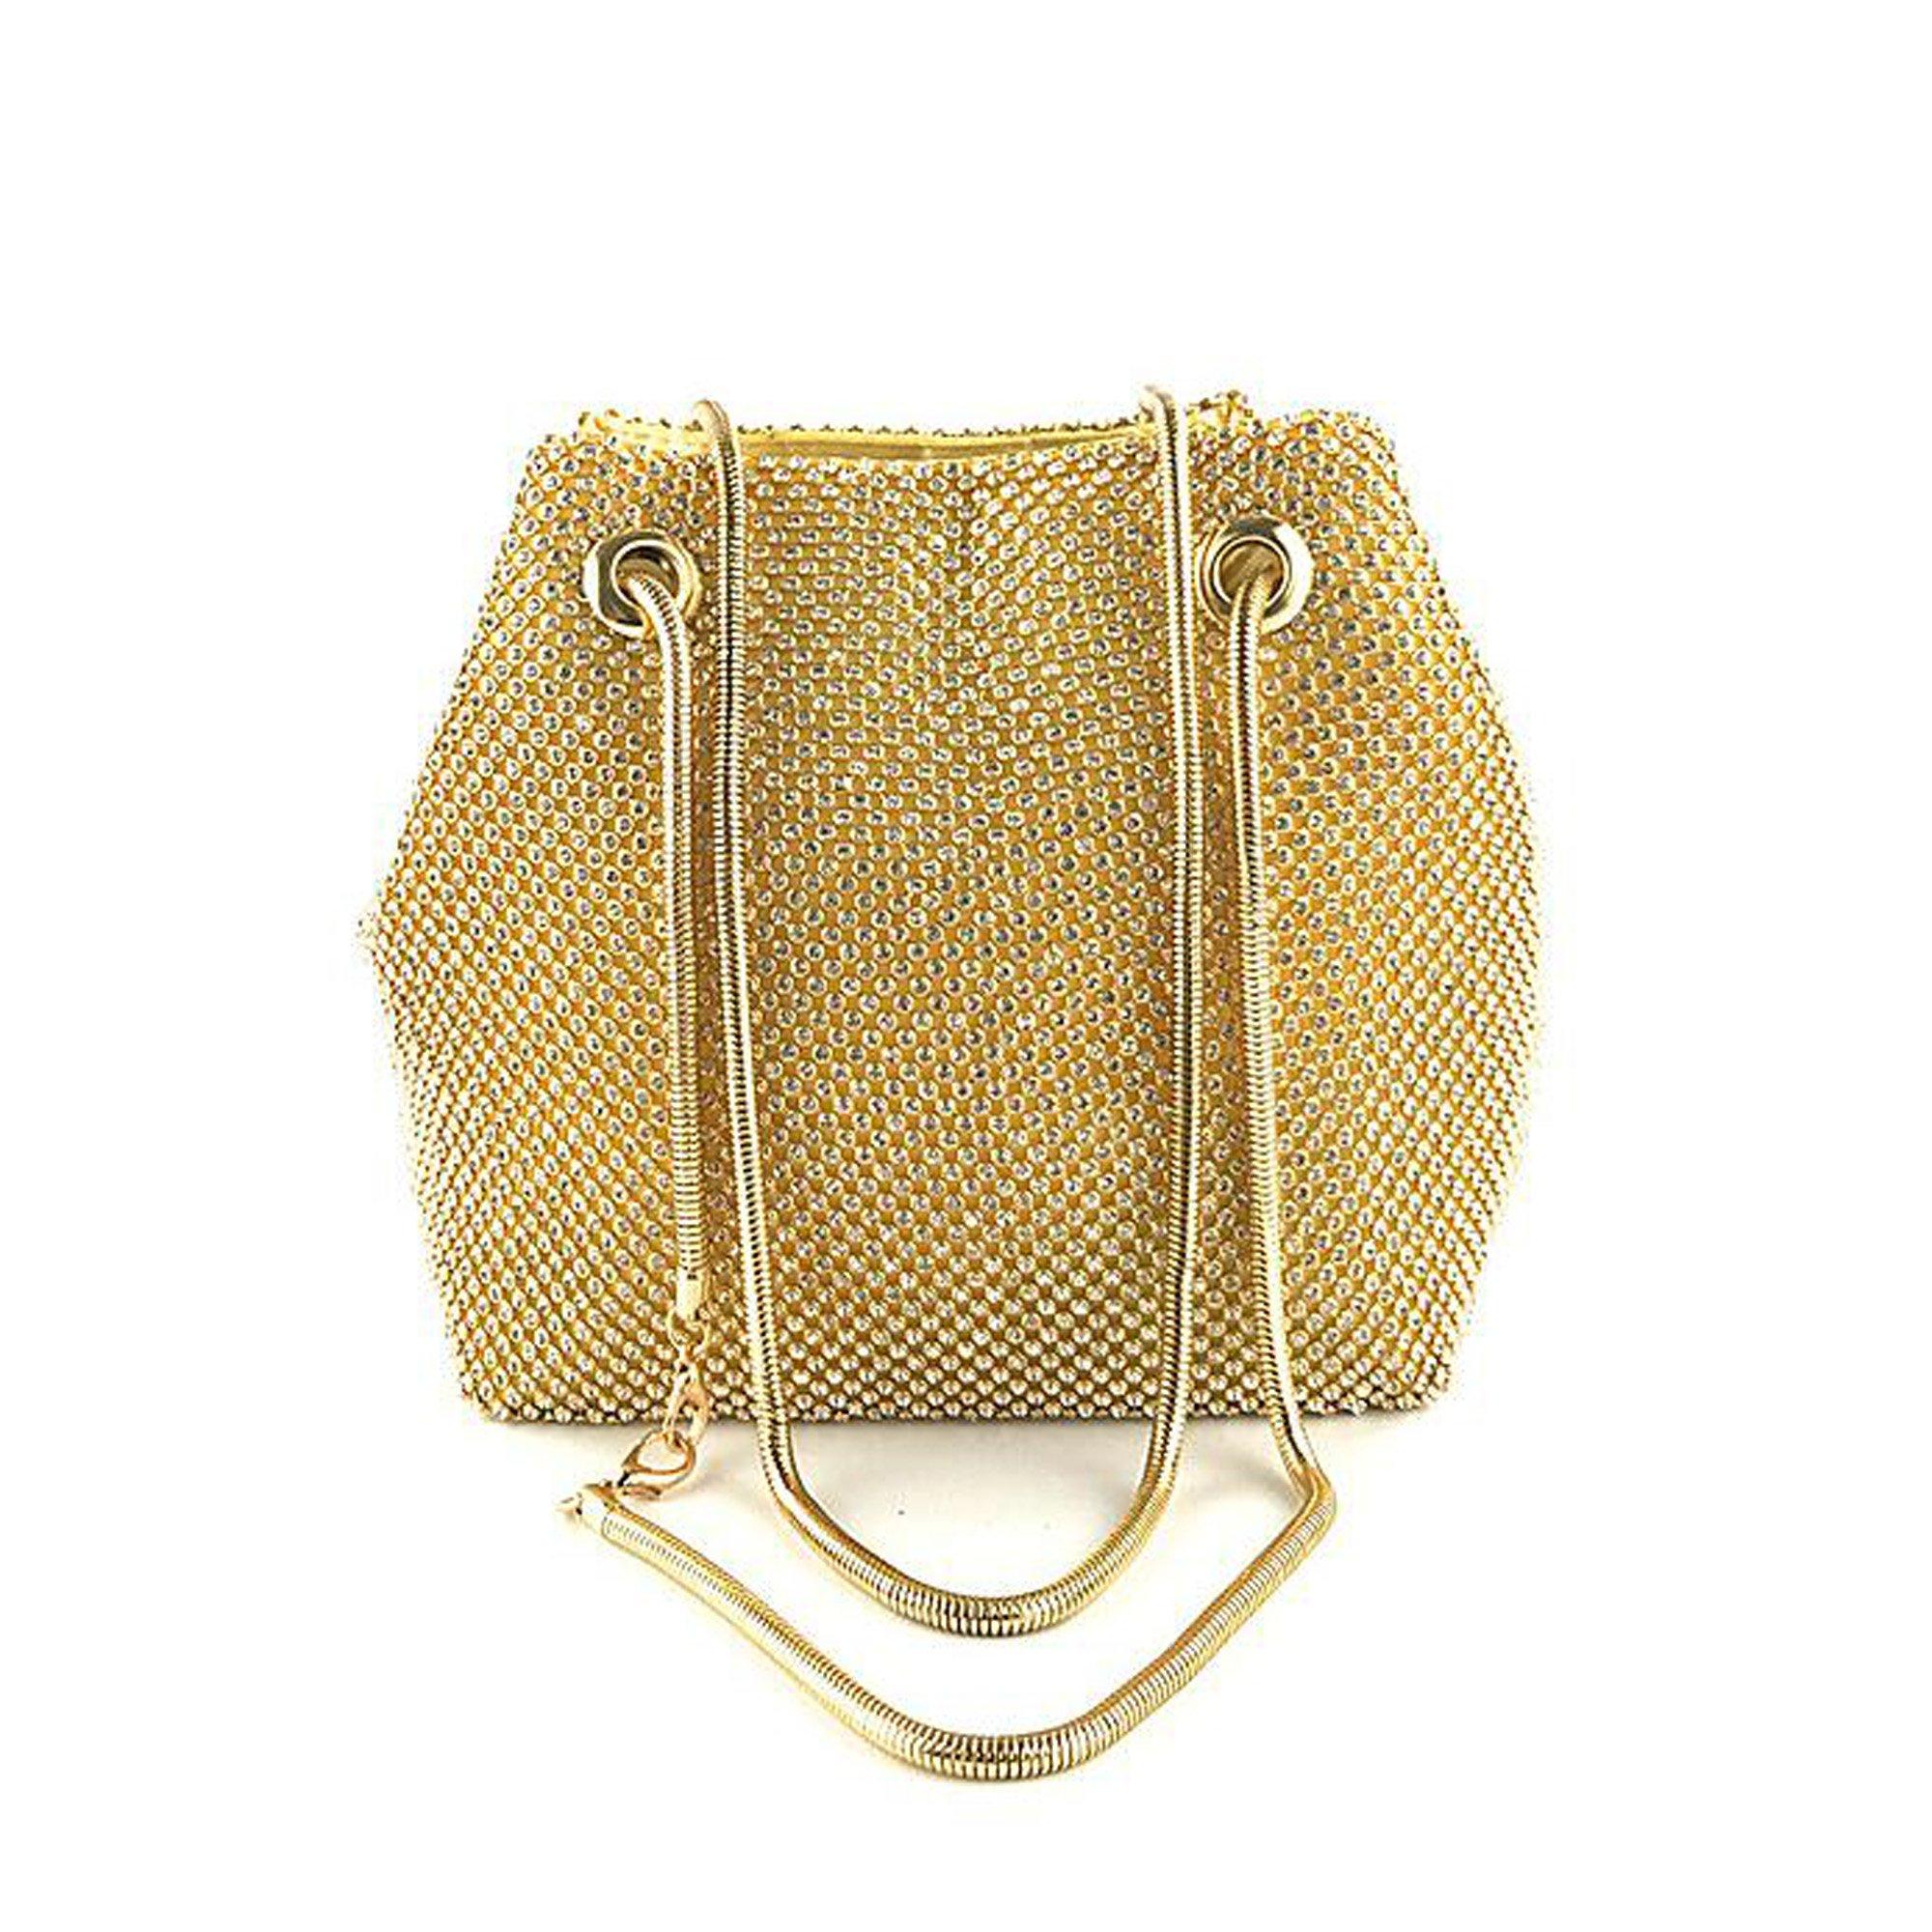 Women Girls Crystal Rhinestone Mini Bucket Evening Bags Handbags Wedding Clutch Shoulder Purse Party (gold)